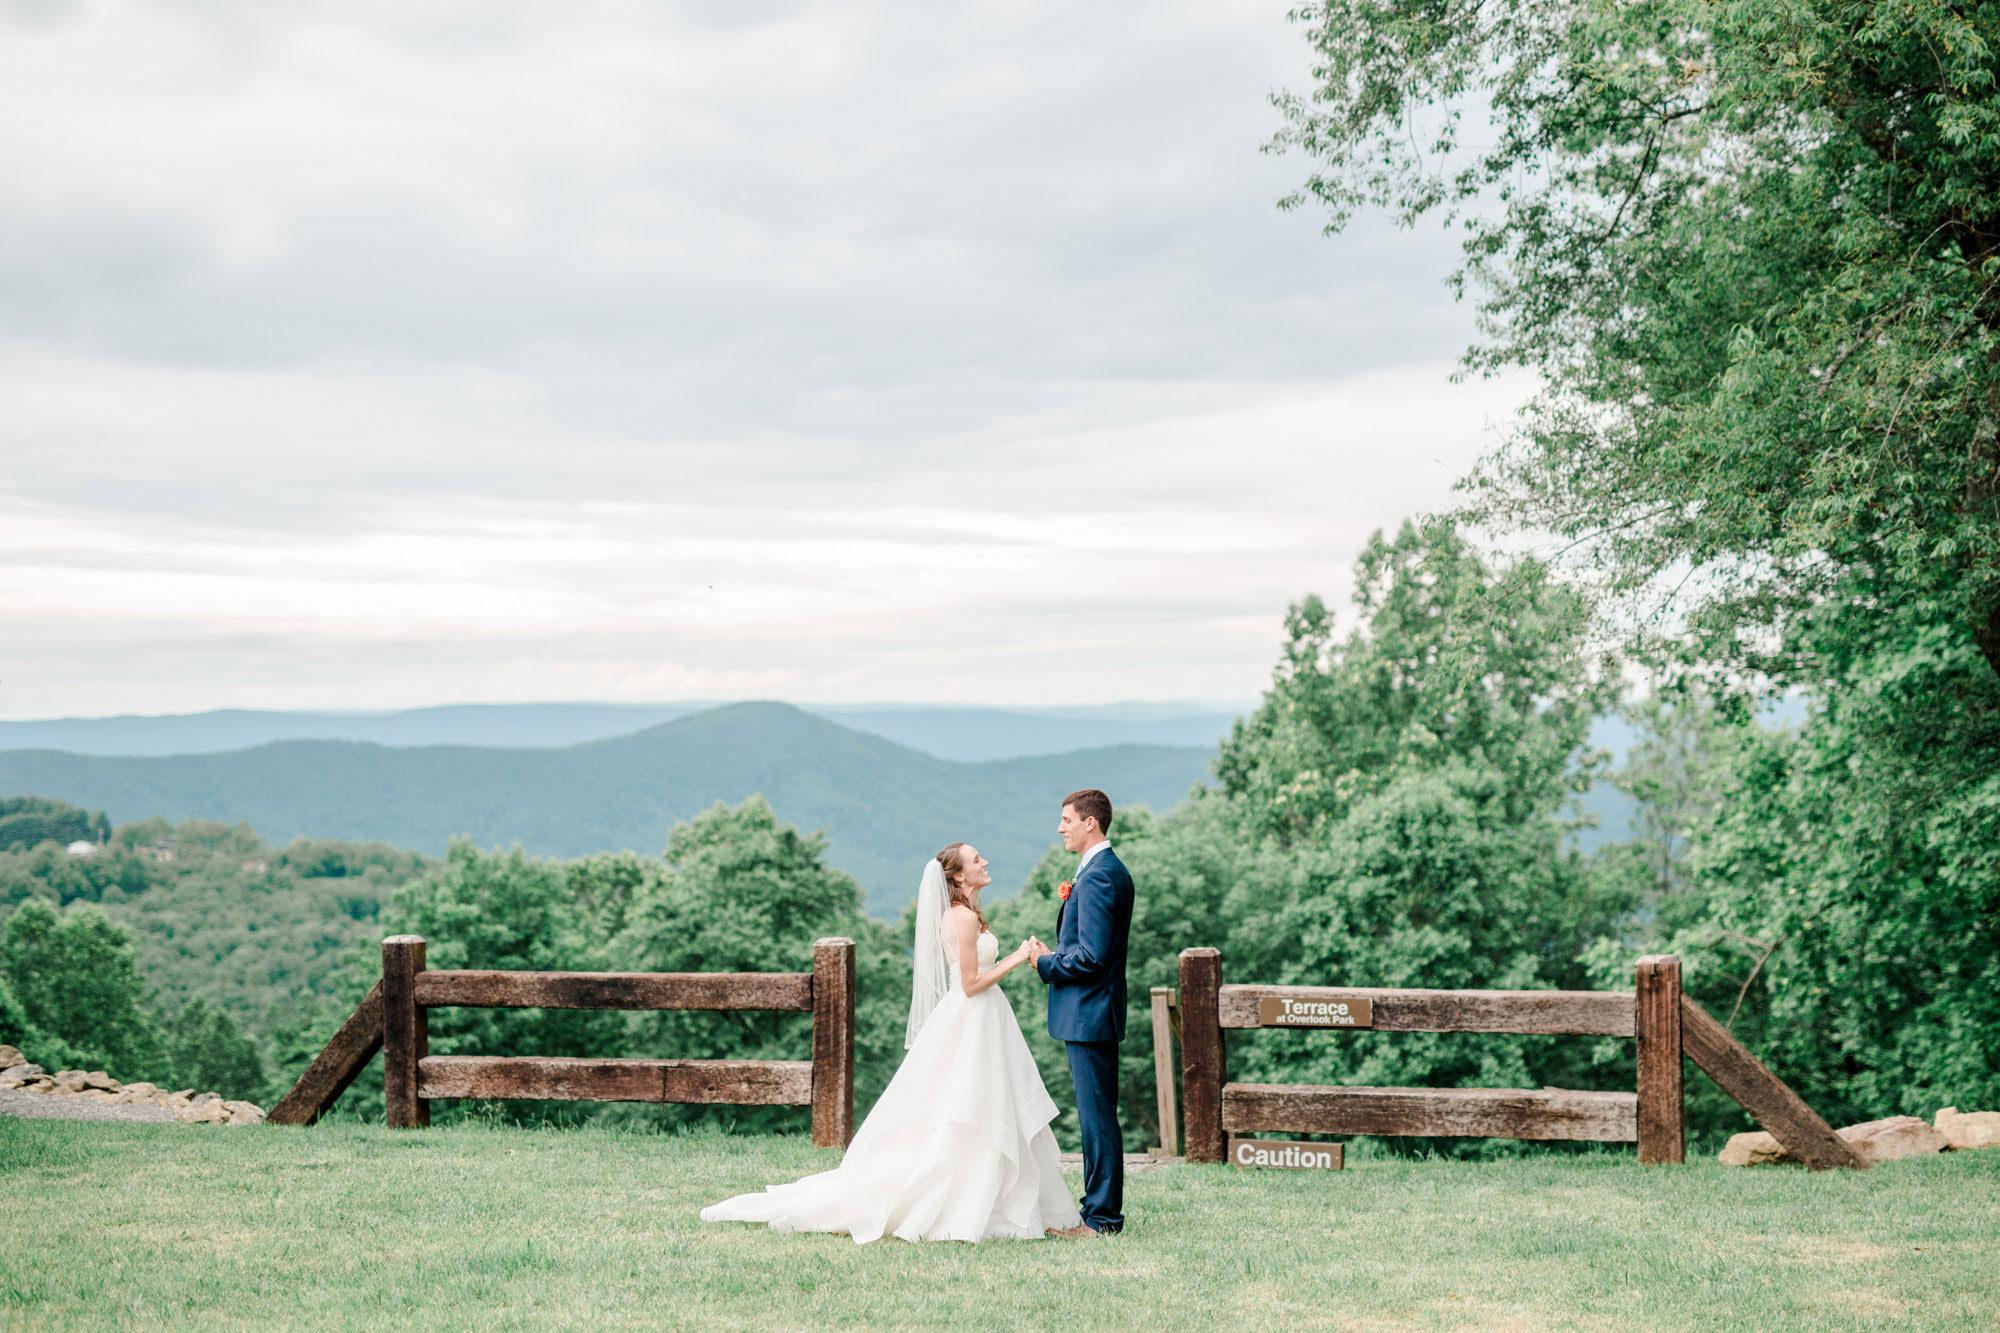 A Virginia Wedding with Incredible Mountain Views